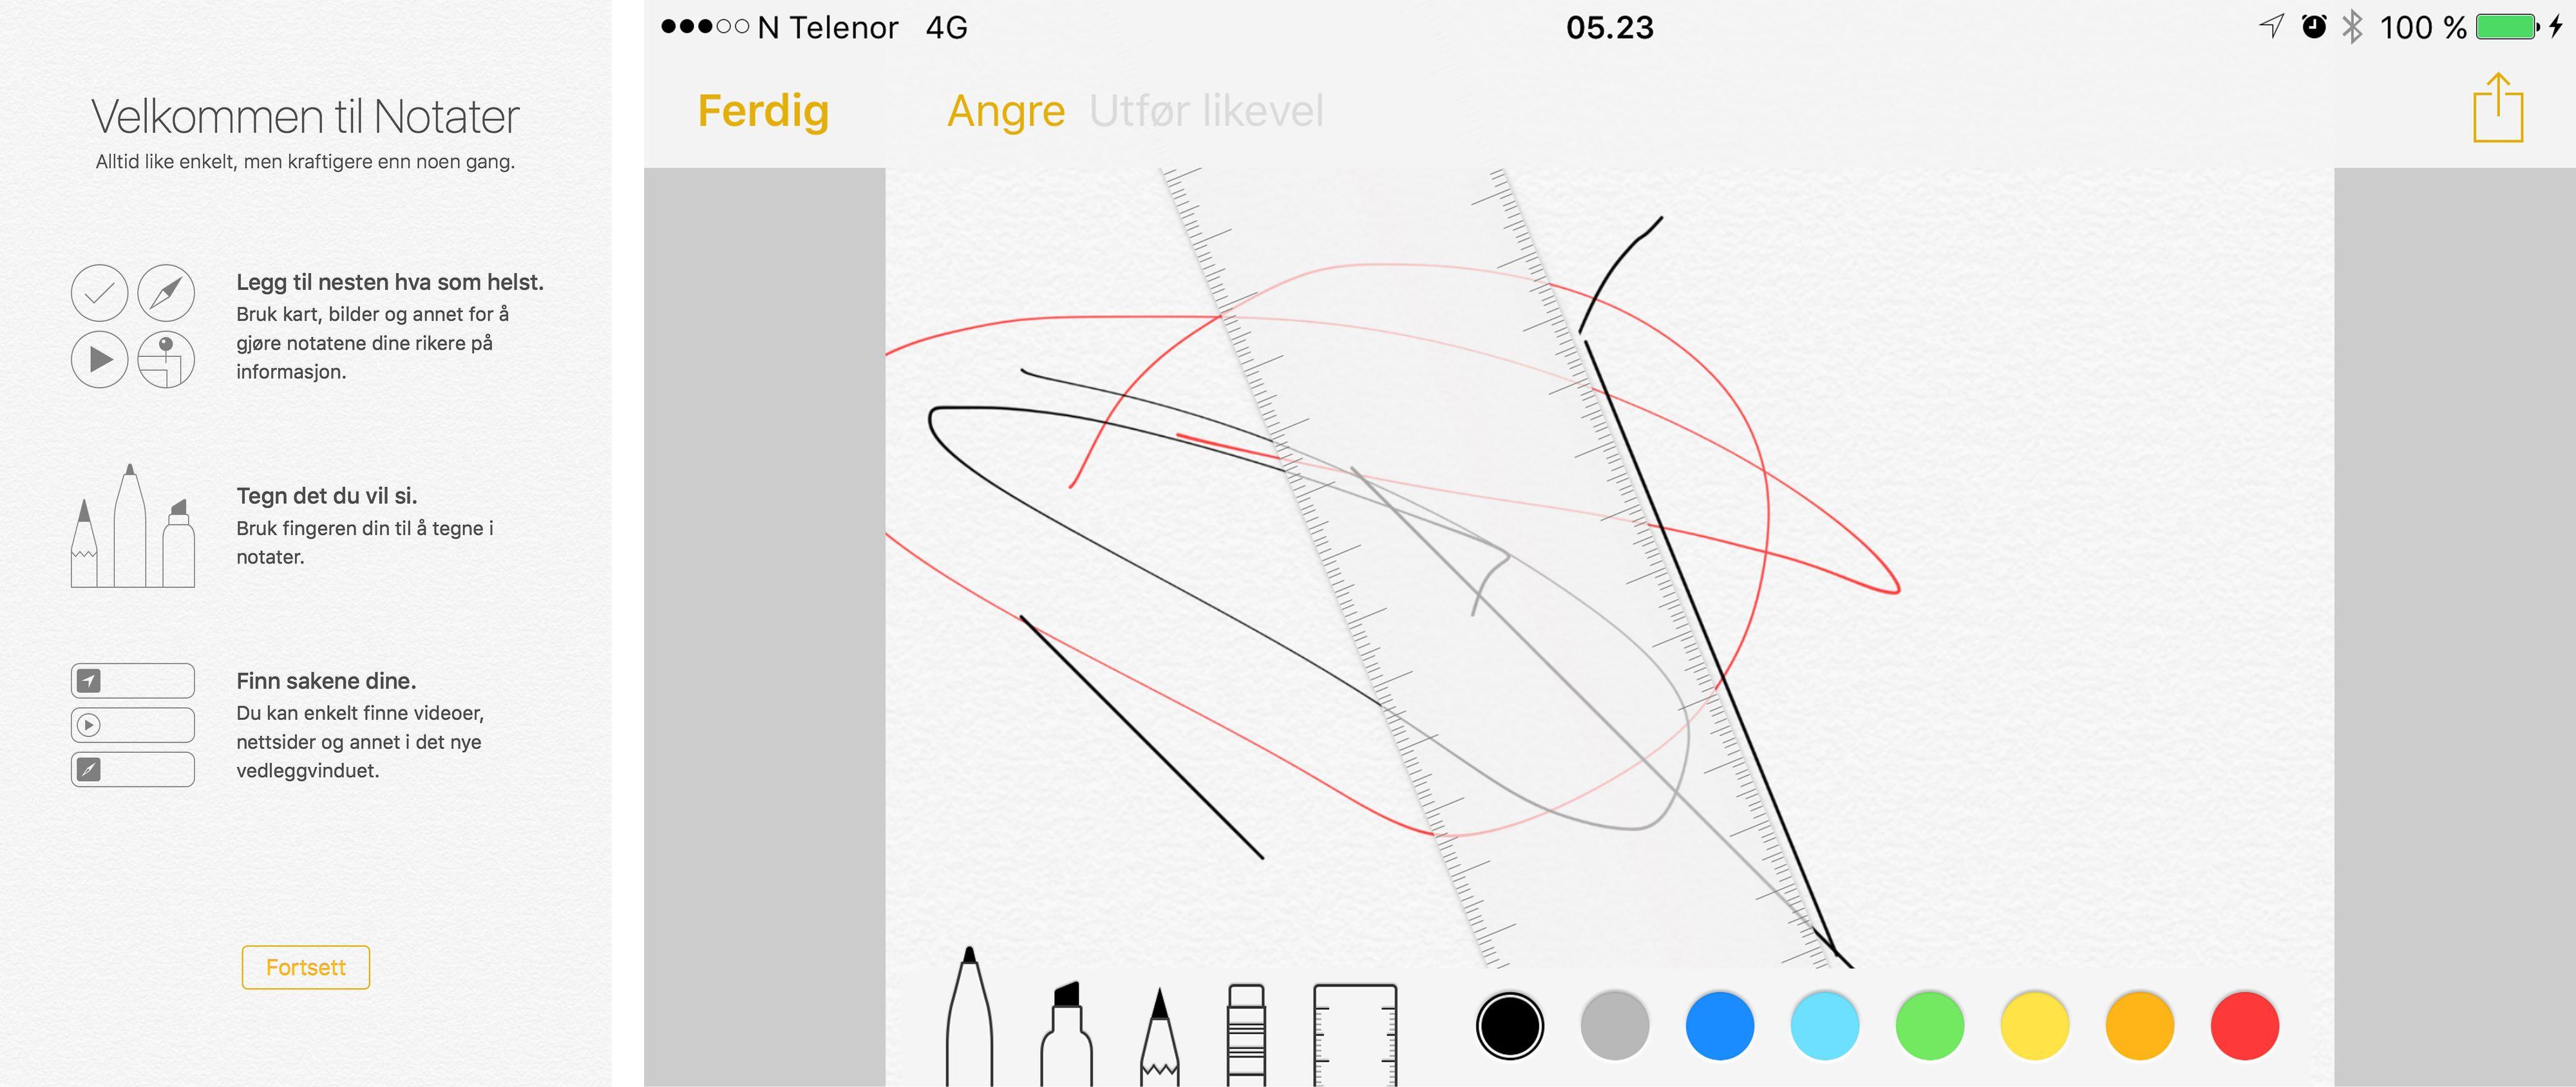 En helt ny notatapplikasjon hører til. Her kan det tegnes, limes inn bilder og mye mer. Det du har lagret spres på tvers av Apple-dingsene dine i iCloud. Foto: Finn Jarle Kvalheim, Tek.no